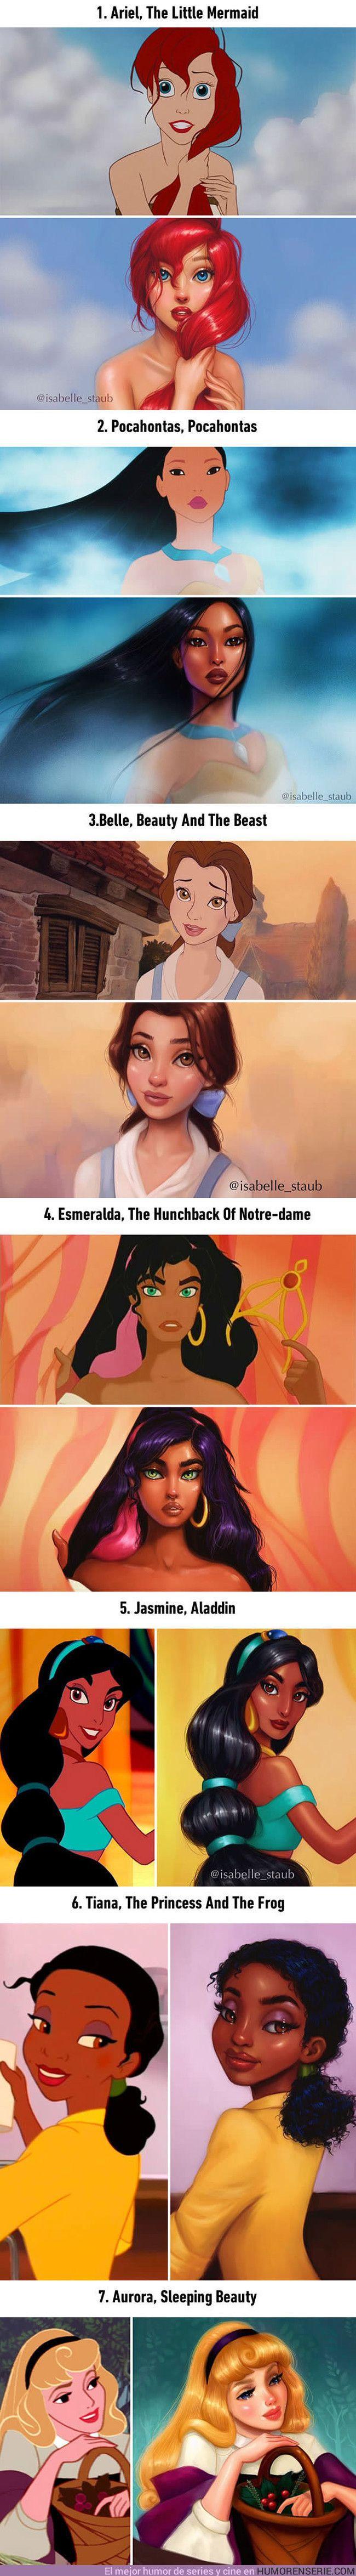 13027 - Princesas Disney recreadas digitalmente